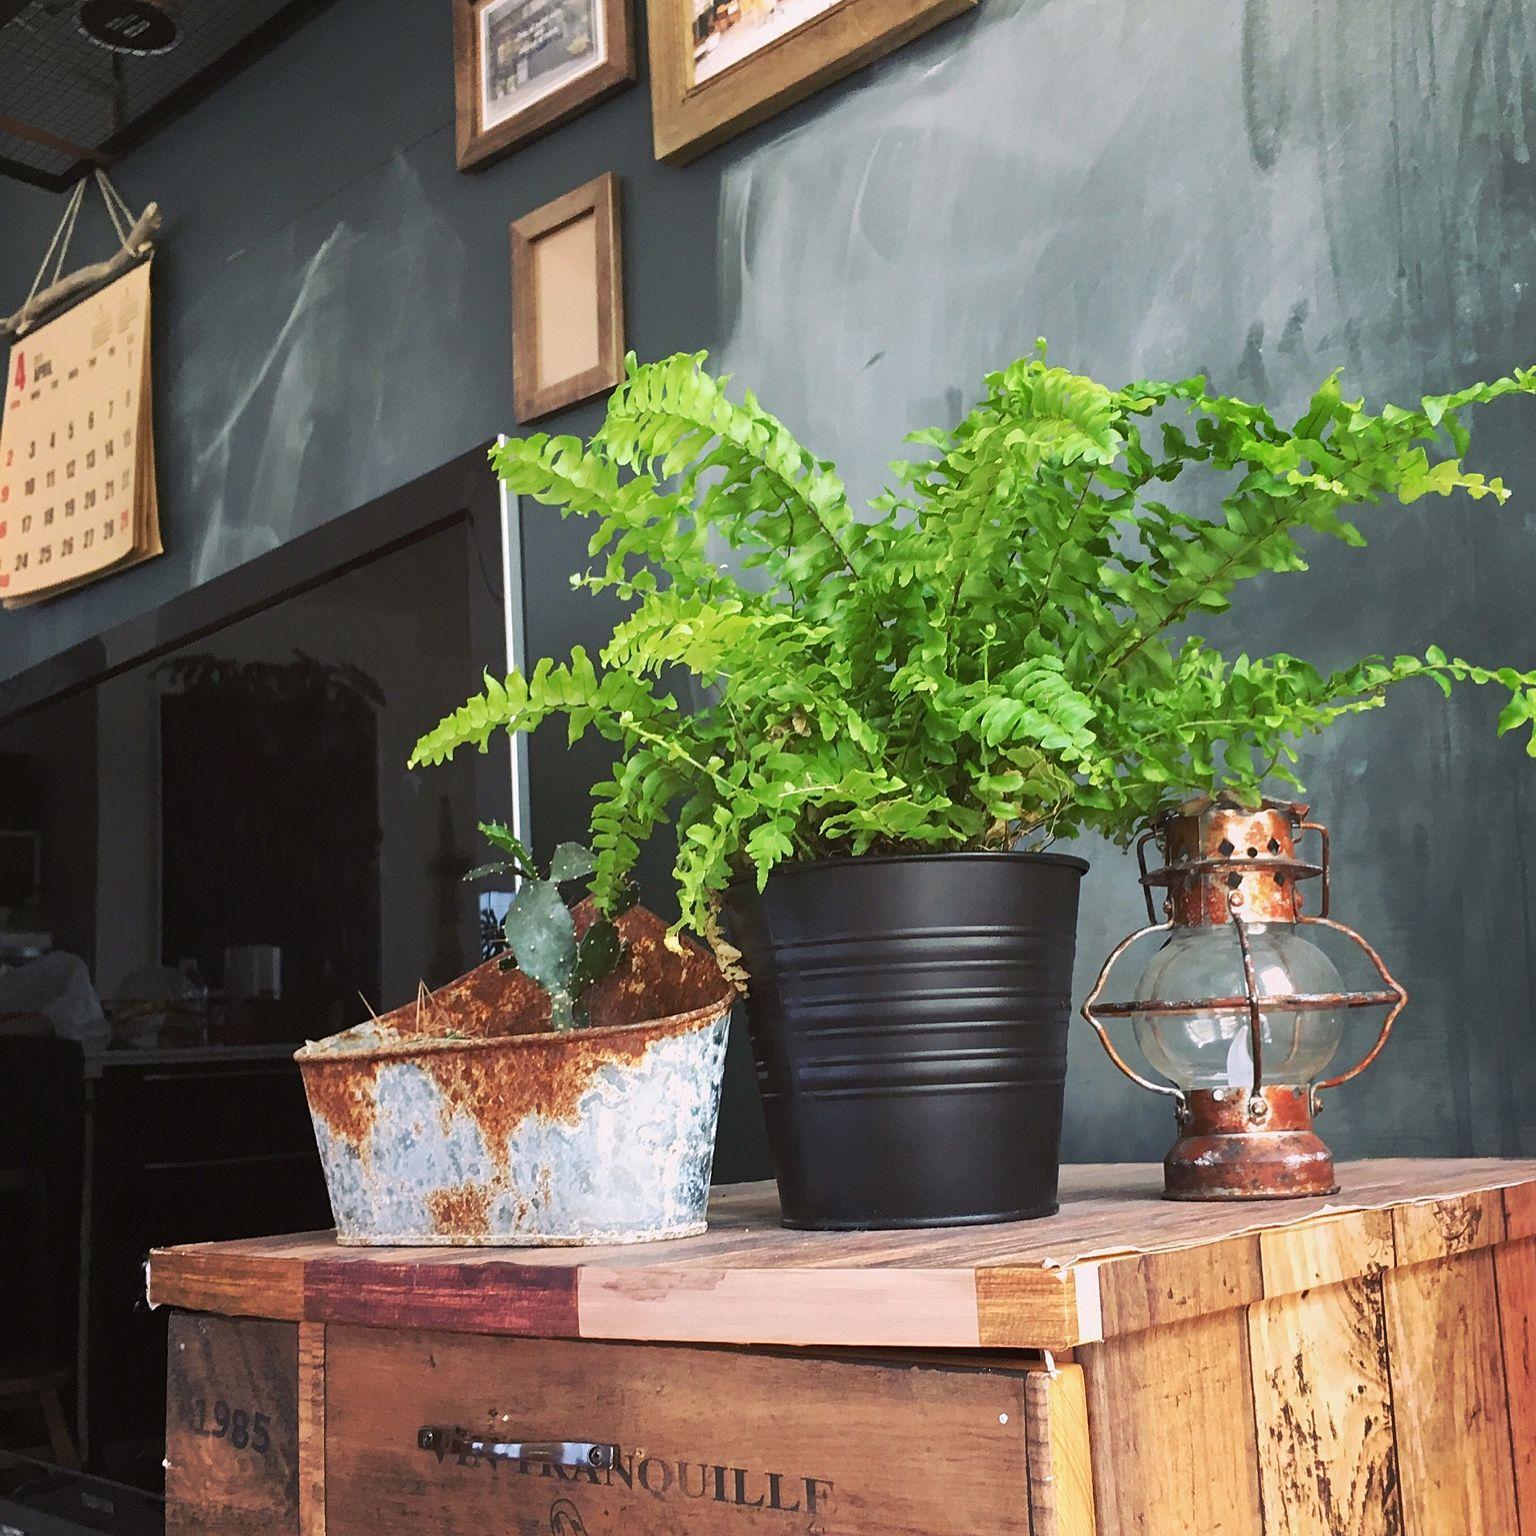 【木曜日】お家の植物を記録しよう♪